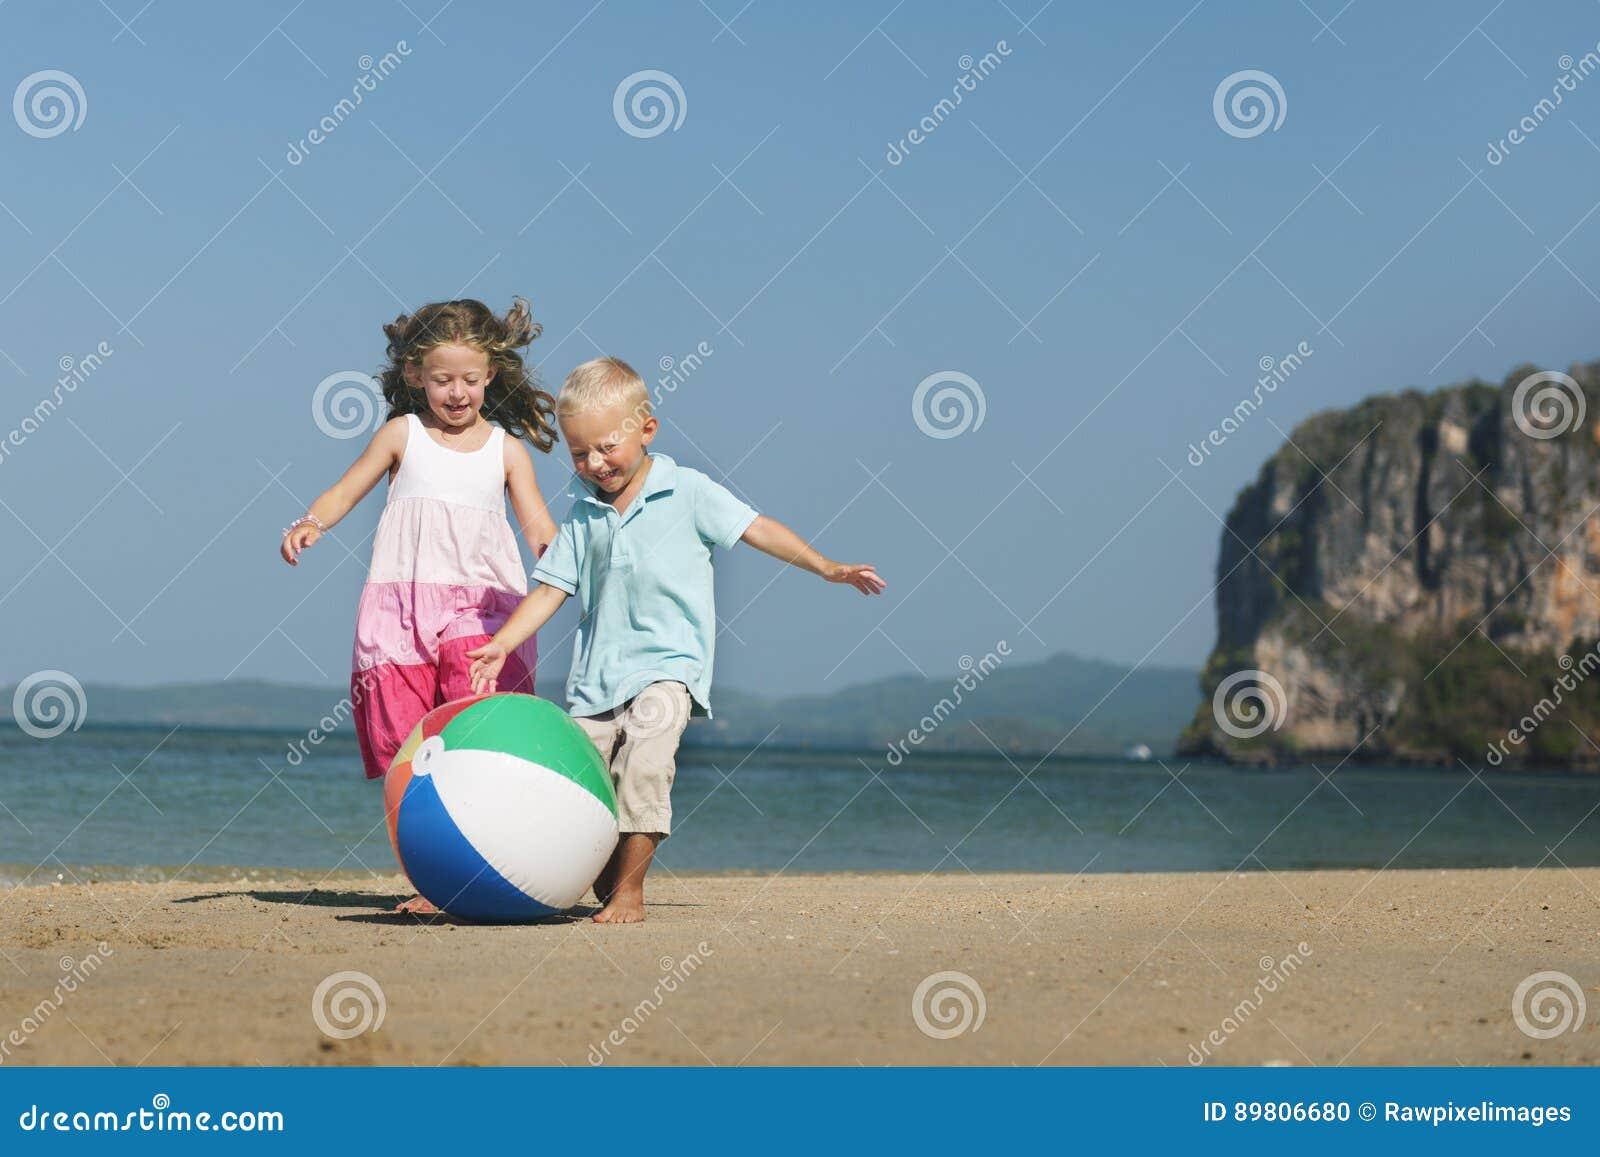 Hermana Child Concept de Brother del hermano de la playa de la bola de los niños